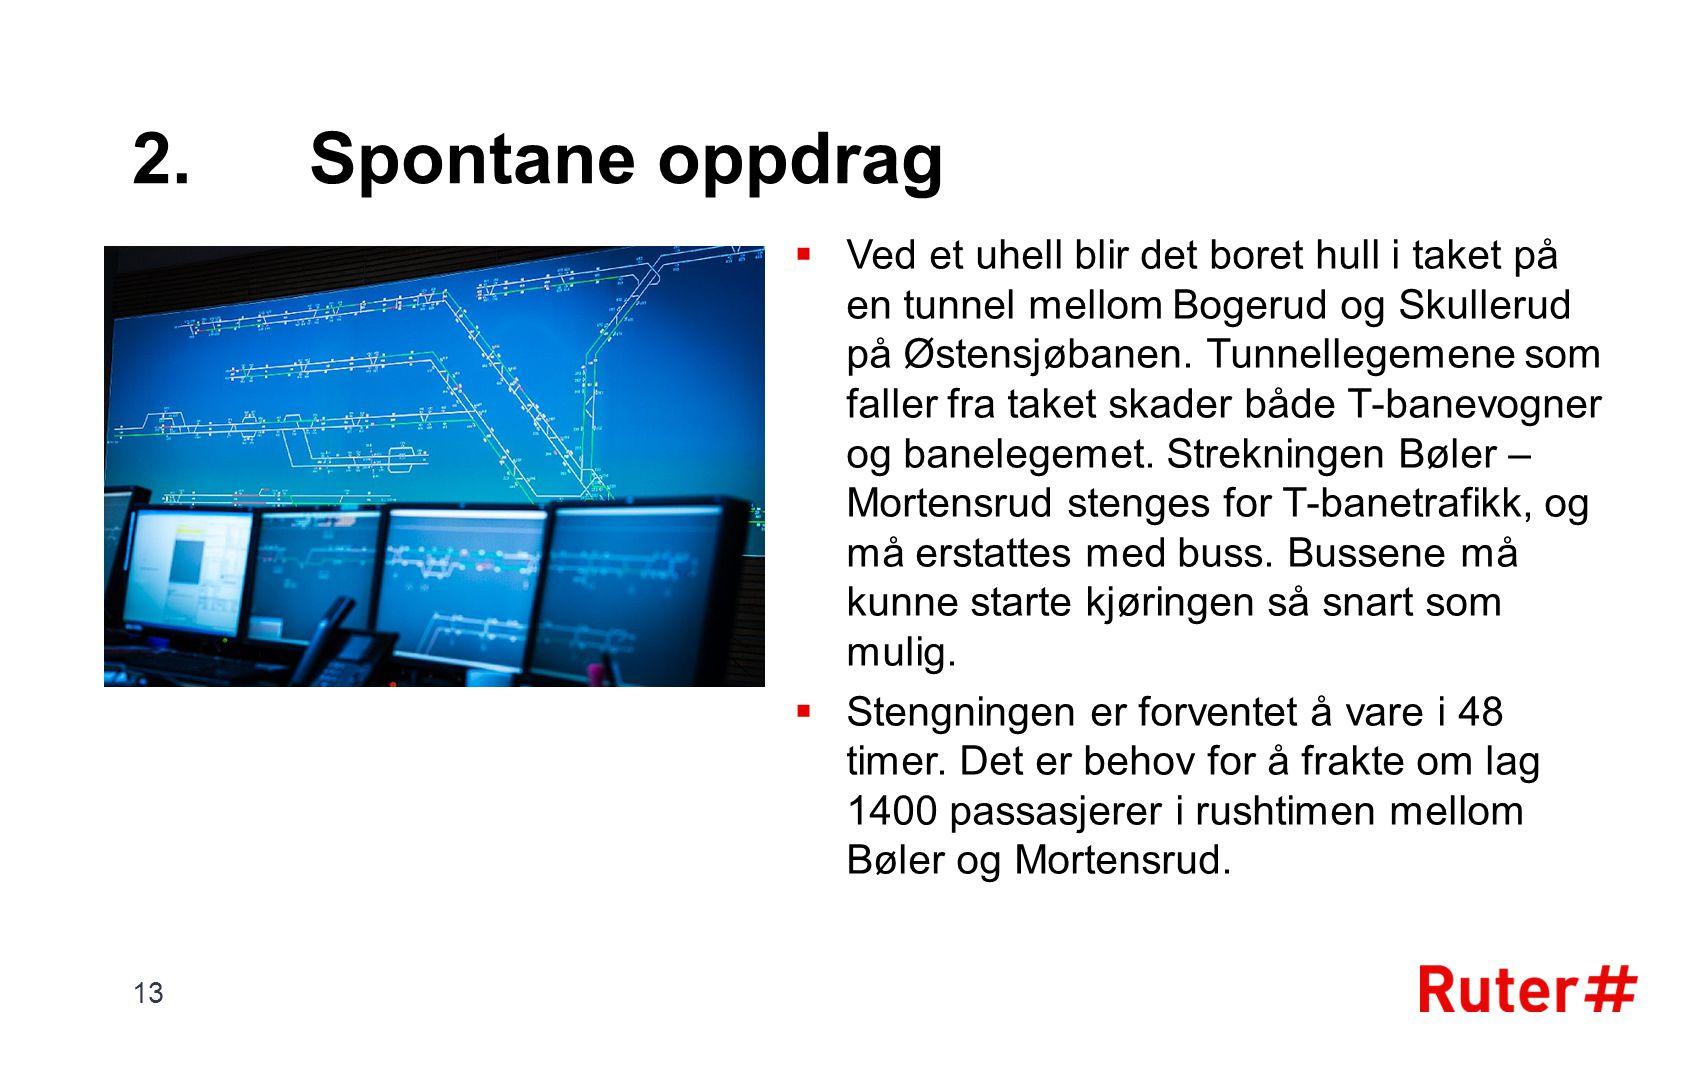 2.Spontane oppdrag  Ved et uhell blir det boret hull i taket på en tunnel mellom Bogerud og Skullerud på Østensjøbanen. Tunnellegemene som faller fra